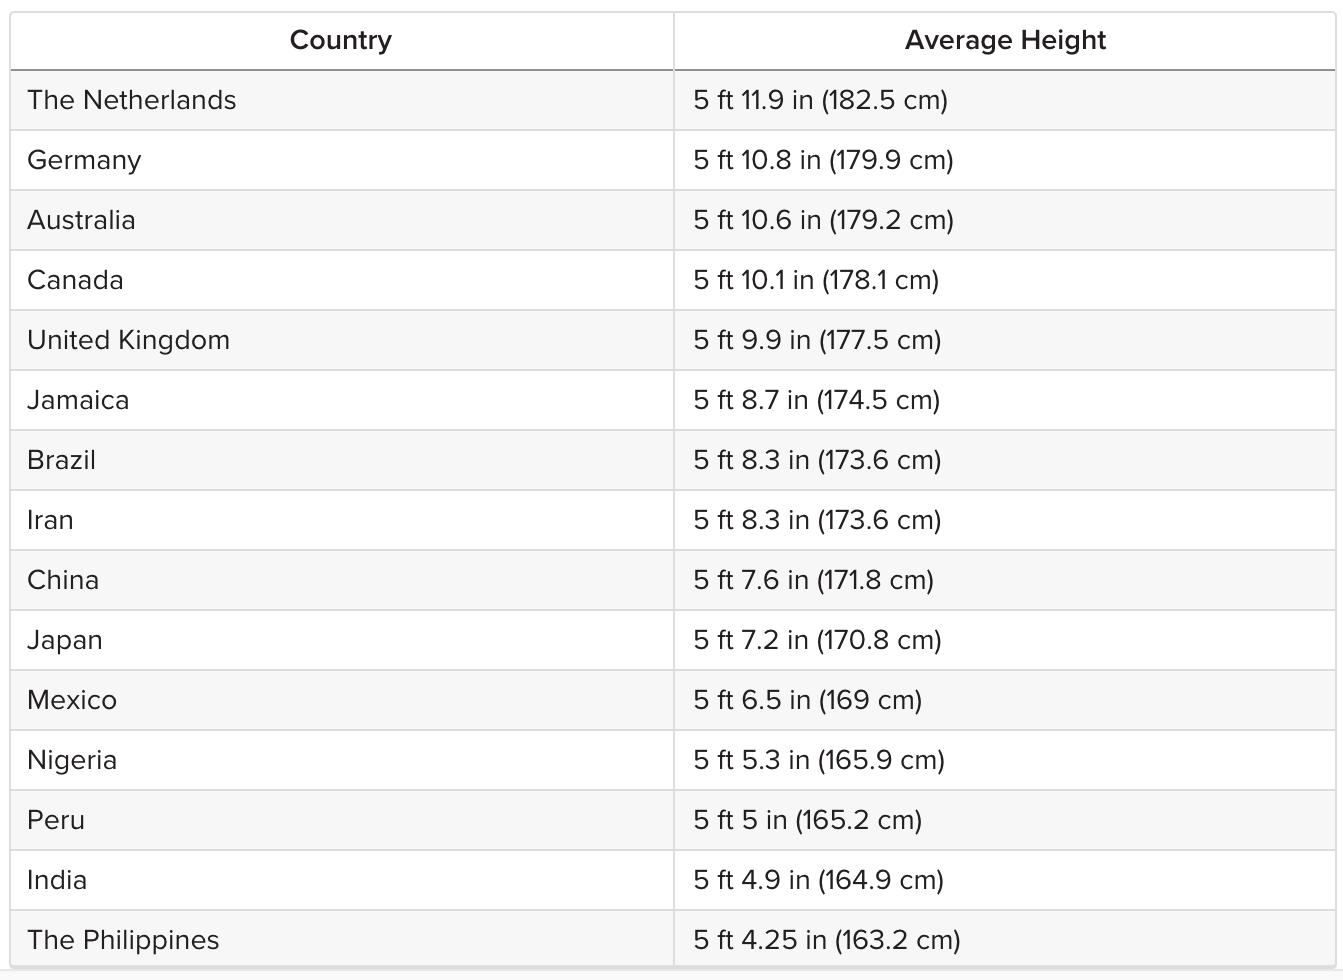 The average height for men across the world